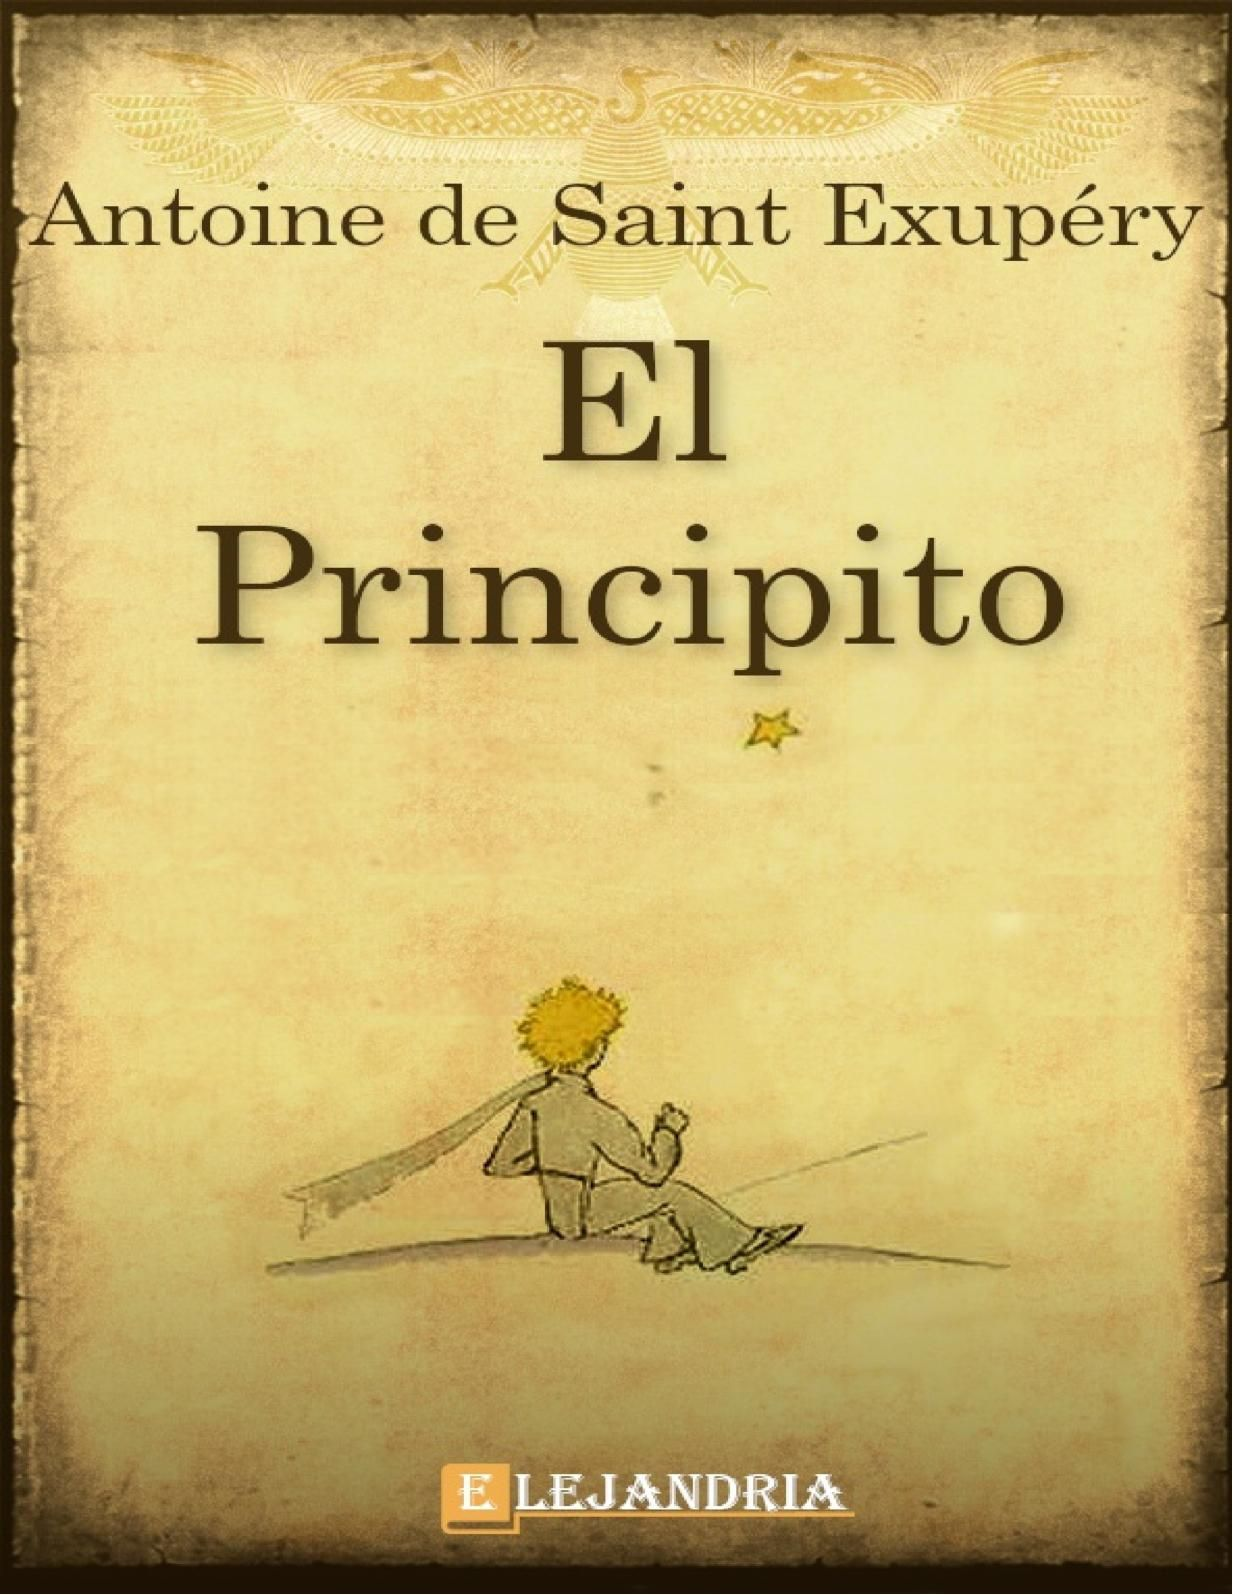 El Principito Antoine De Saint Exupery in 2020 Books